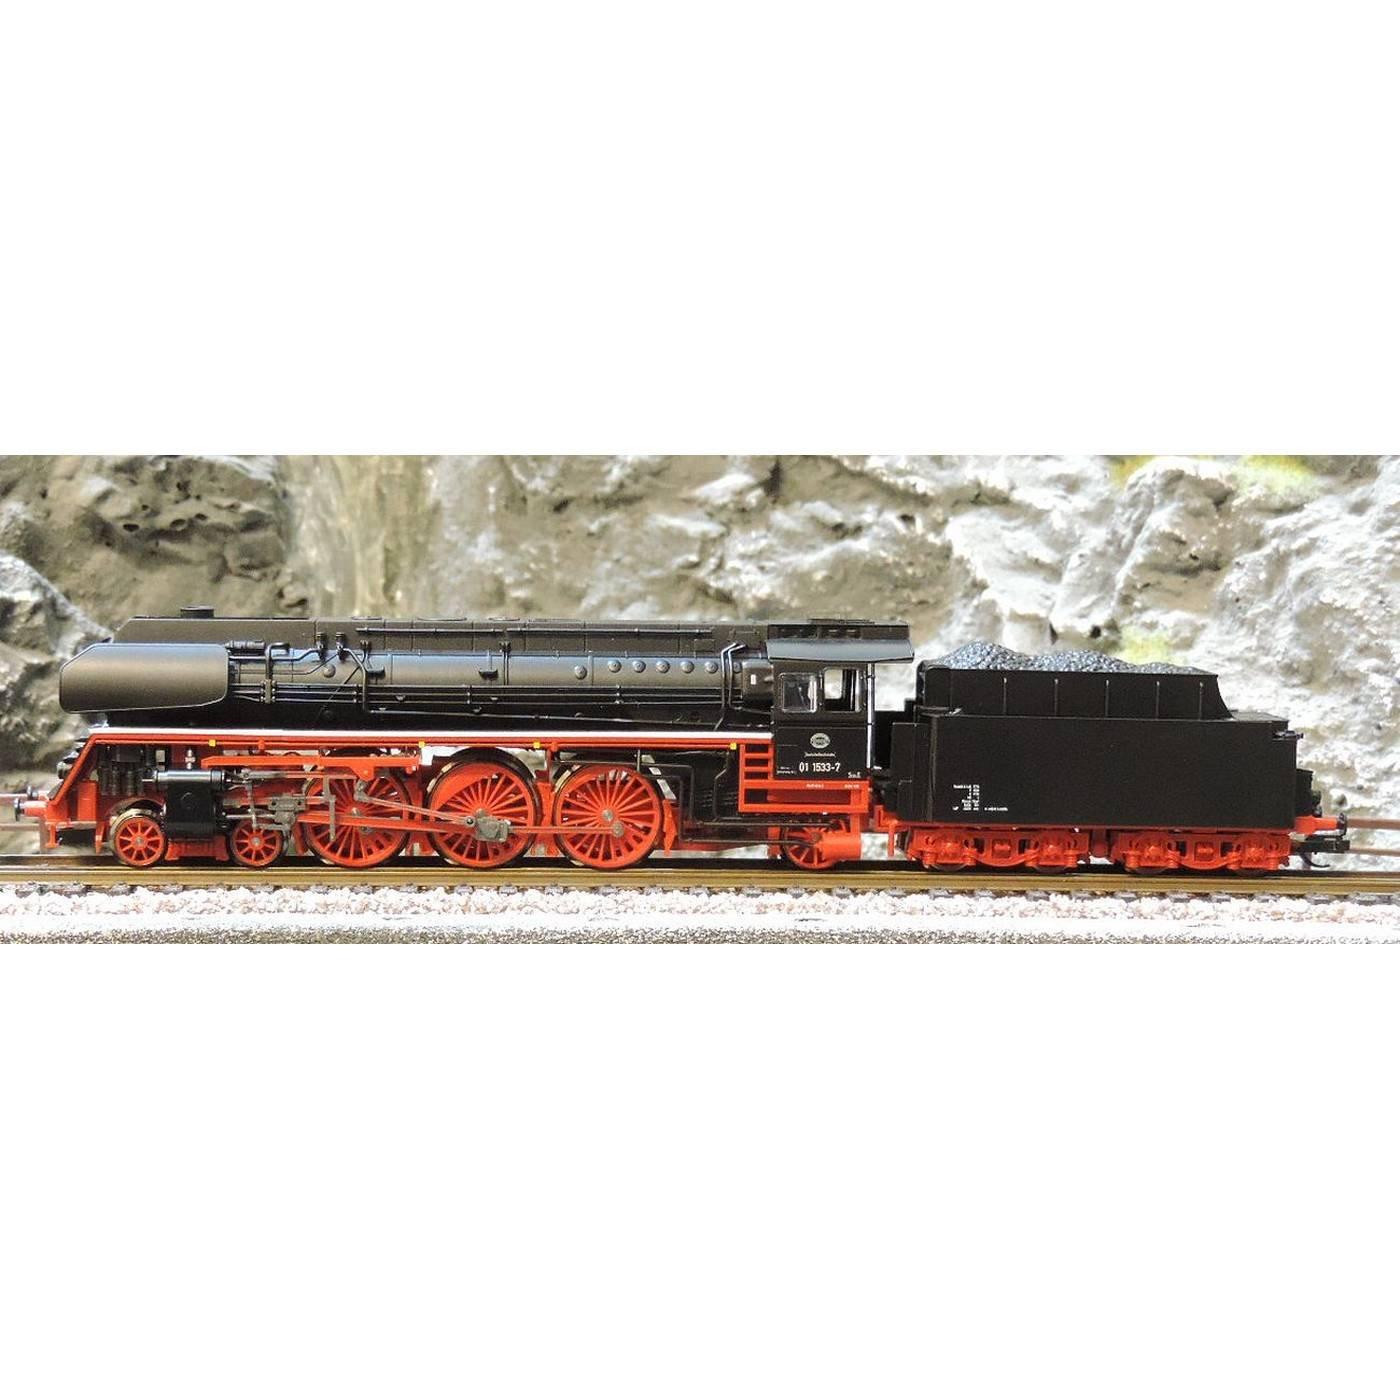 Tillig Schlepptenderlokomotive BR 01 533 ÖGEG